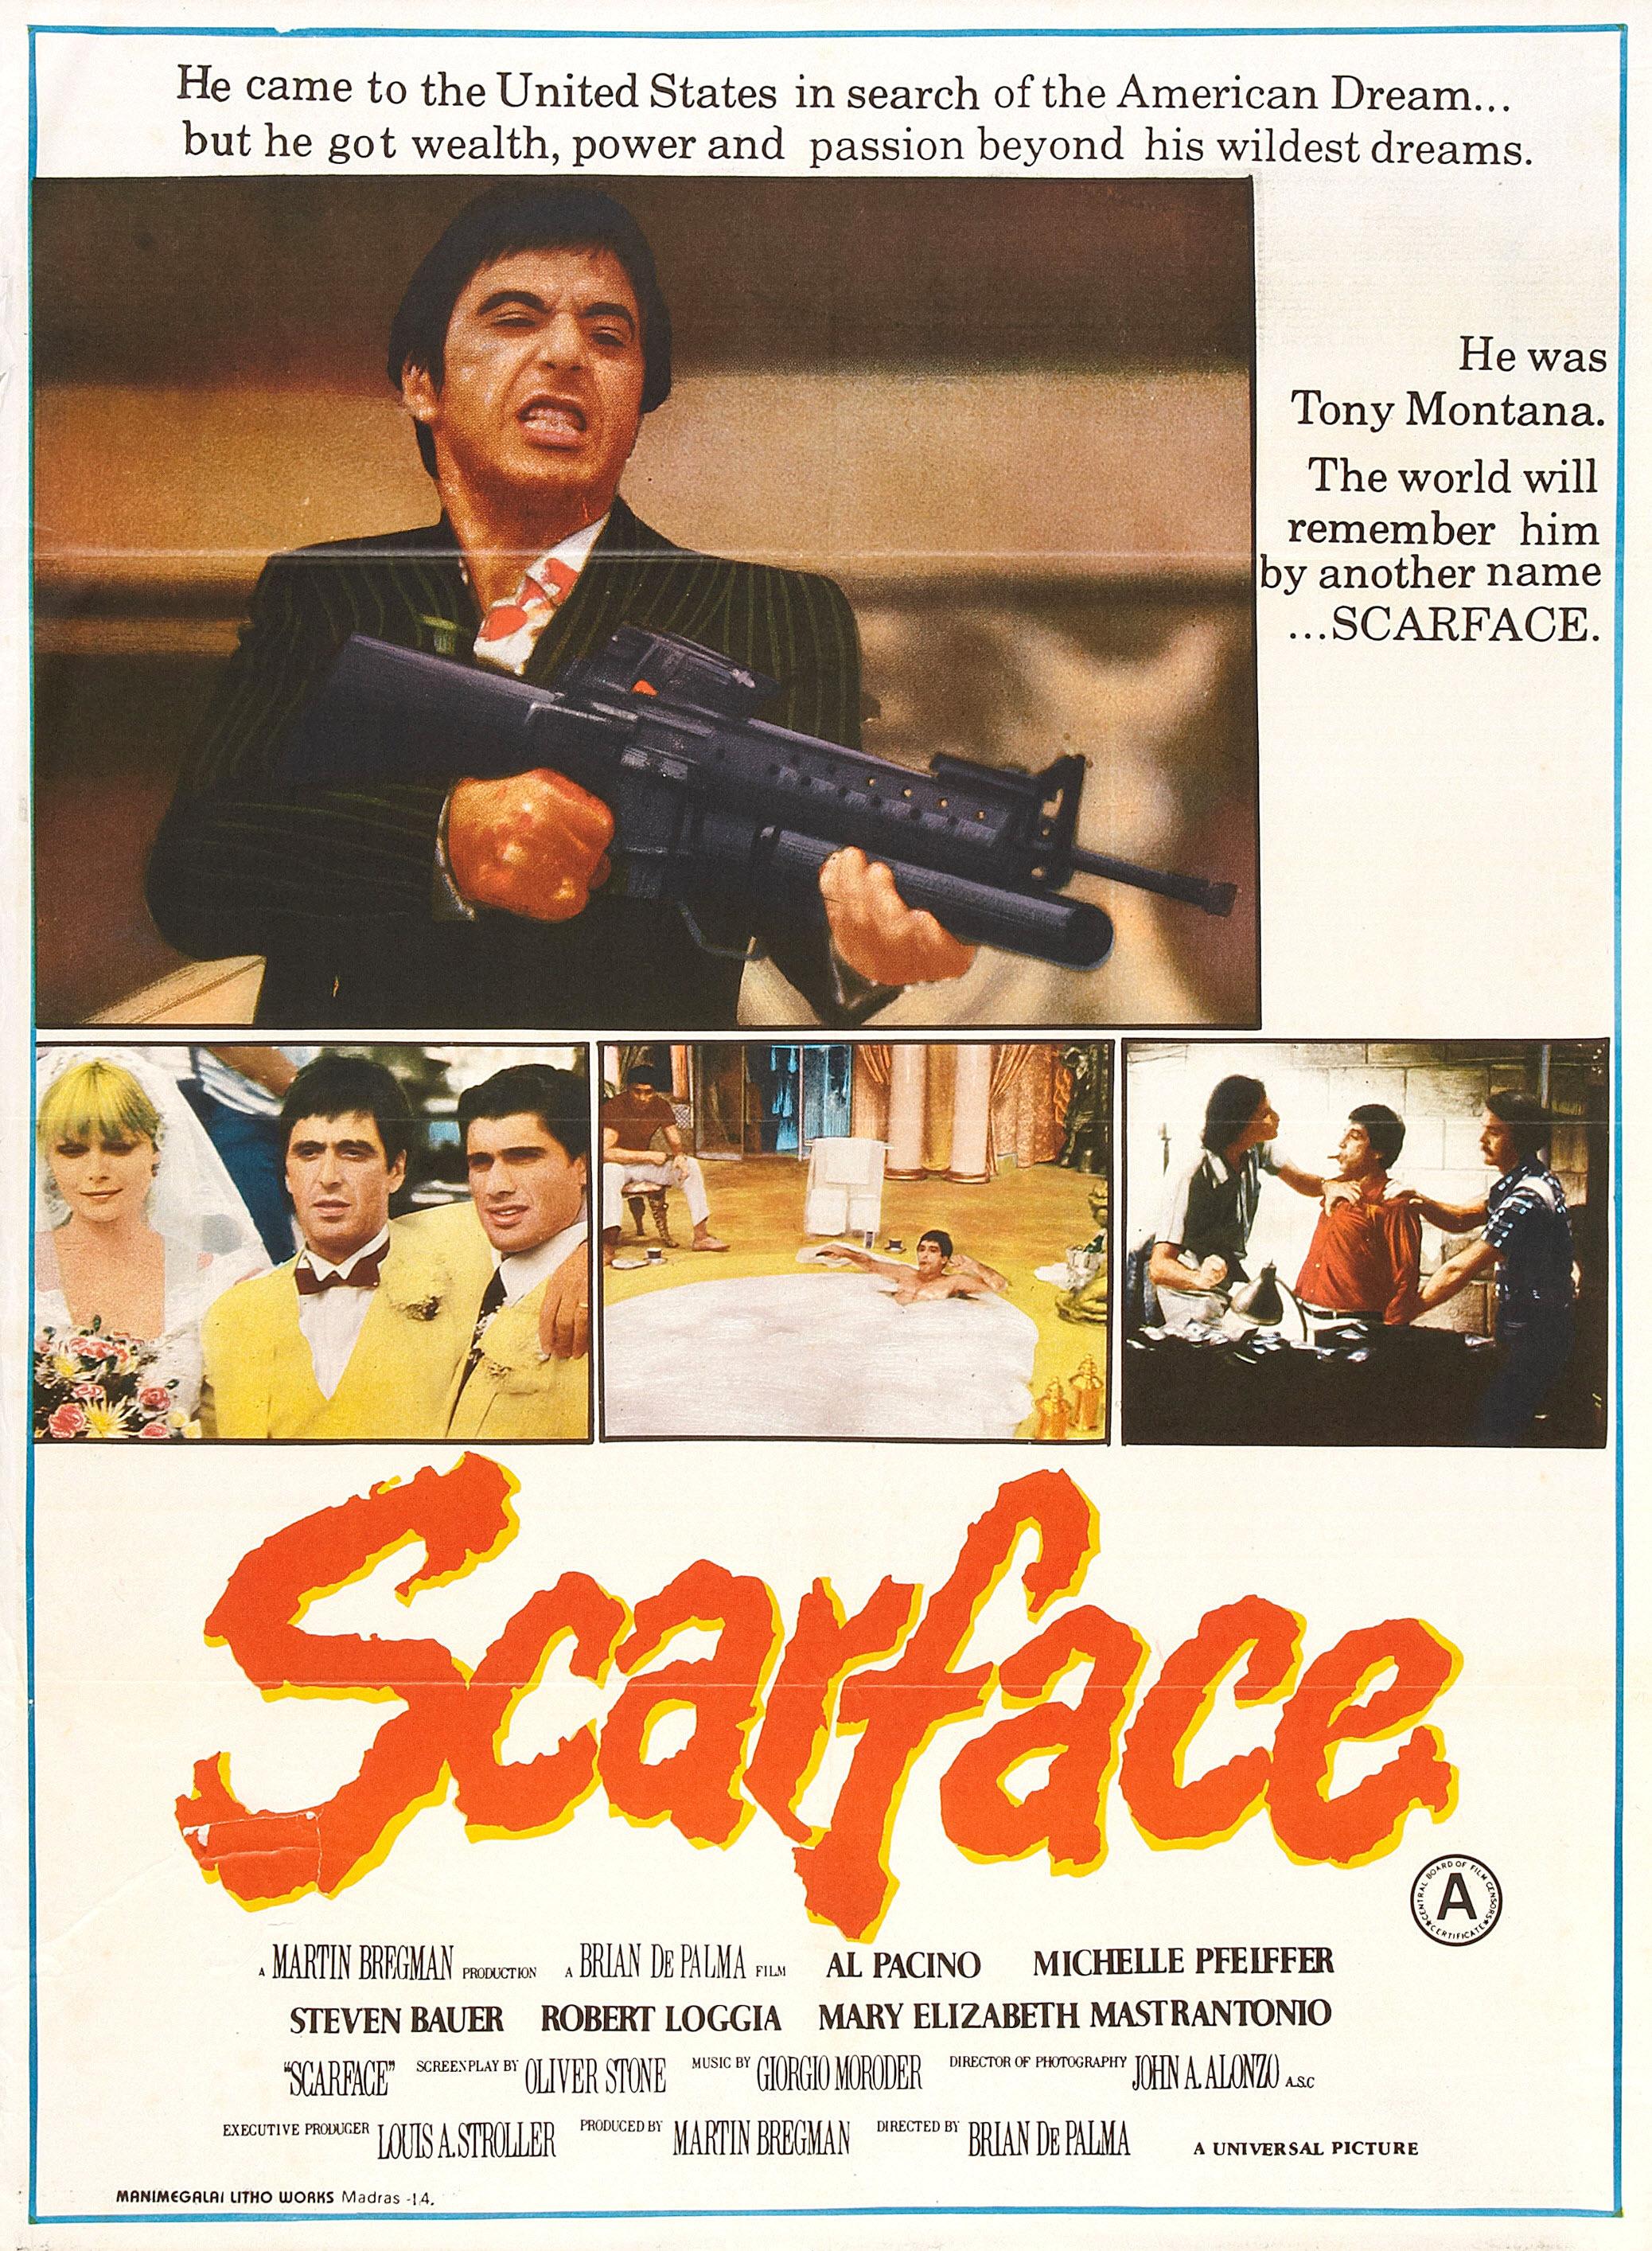 Scarface magazine ad